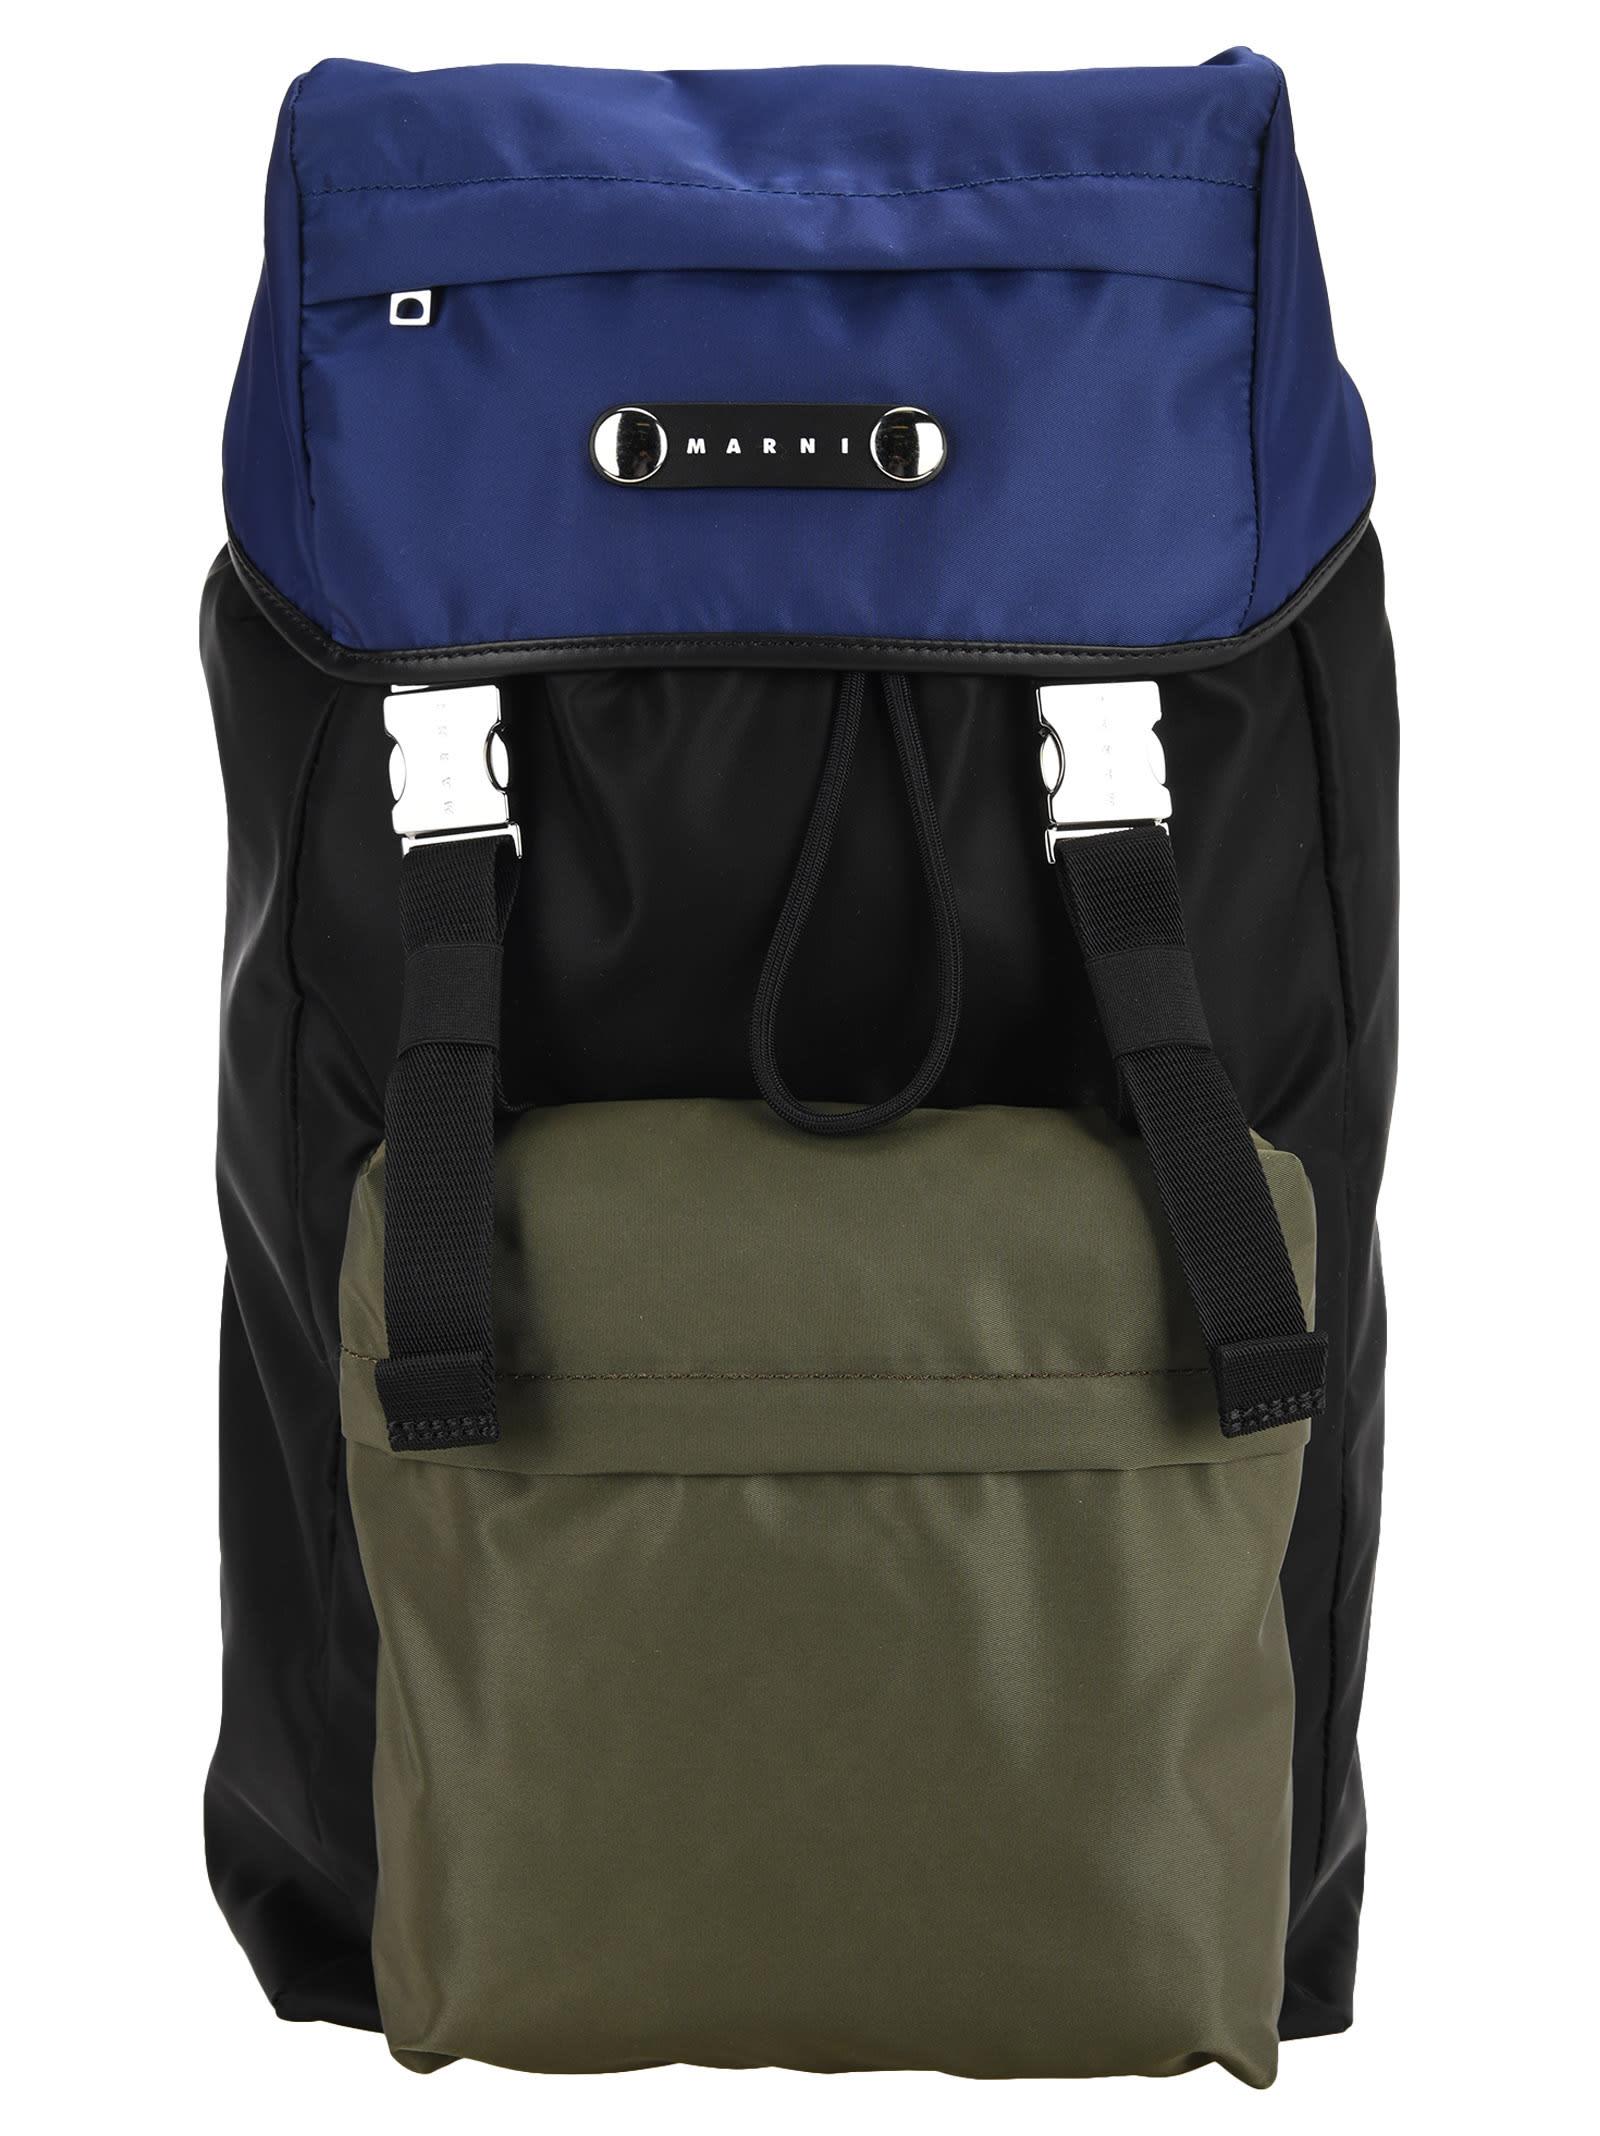 Marni Three-tone Backpack